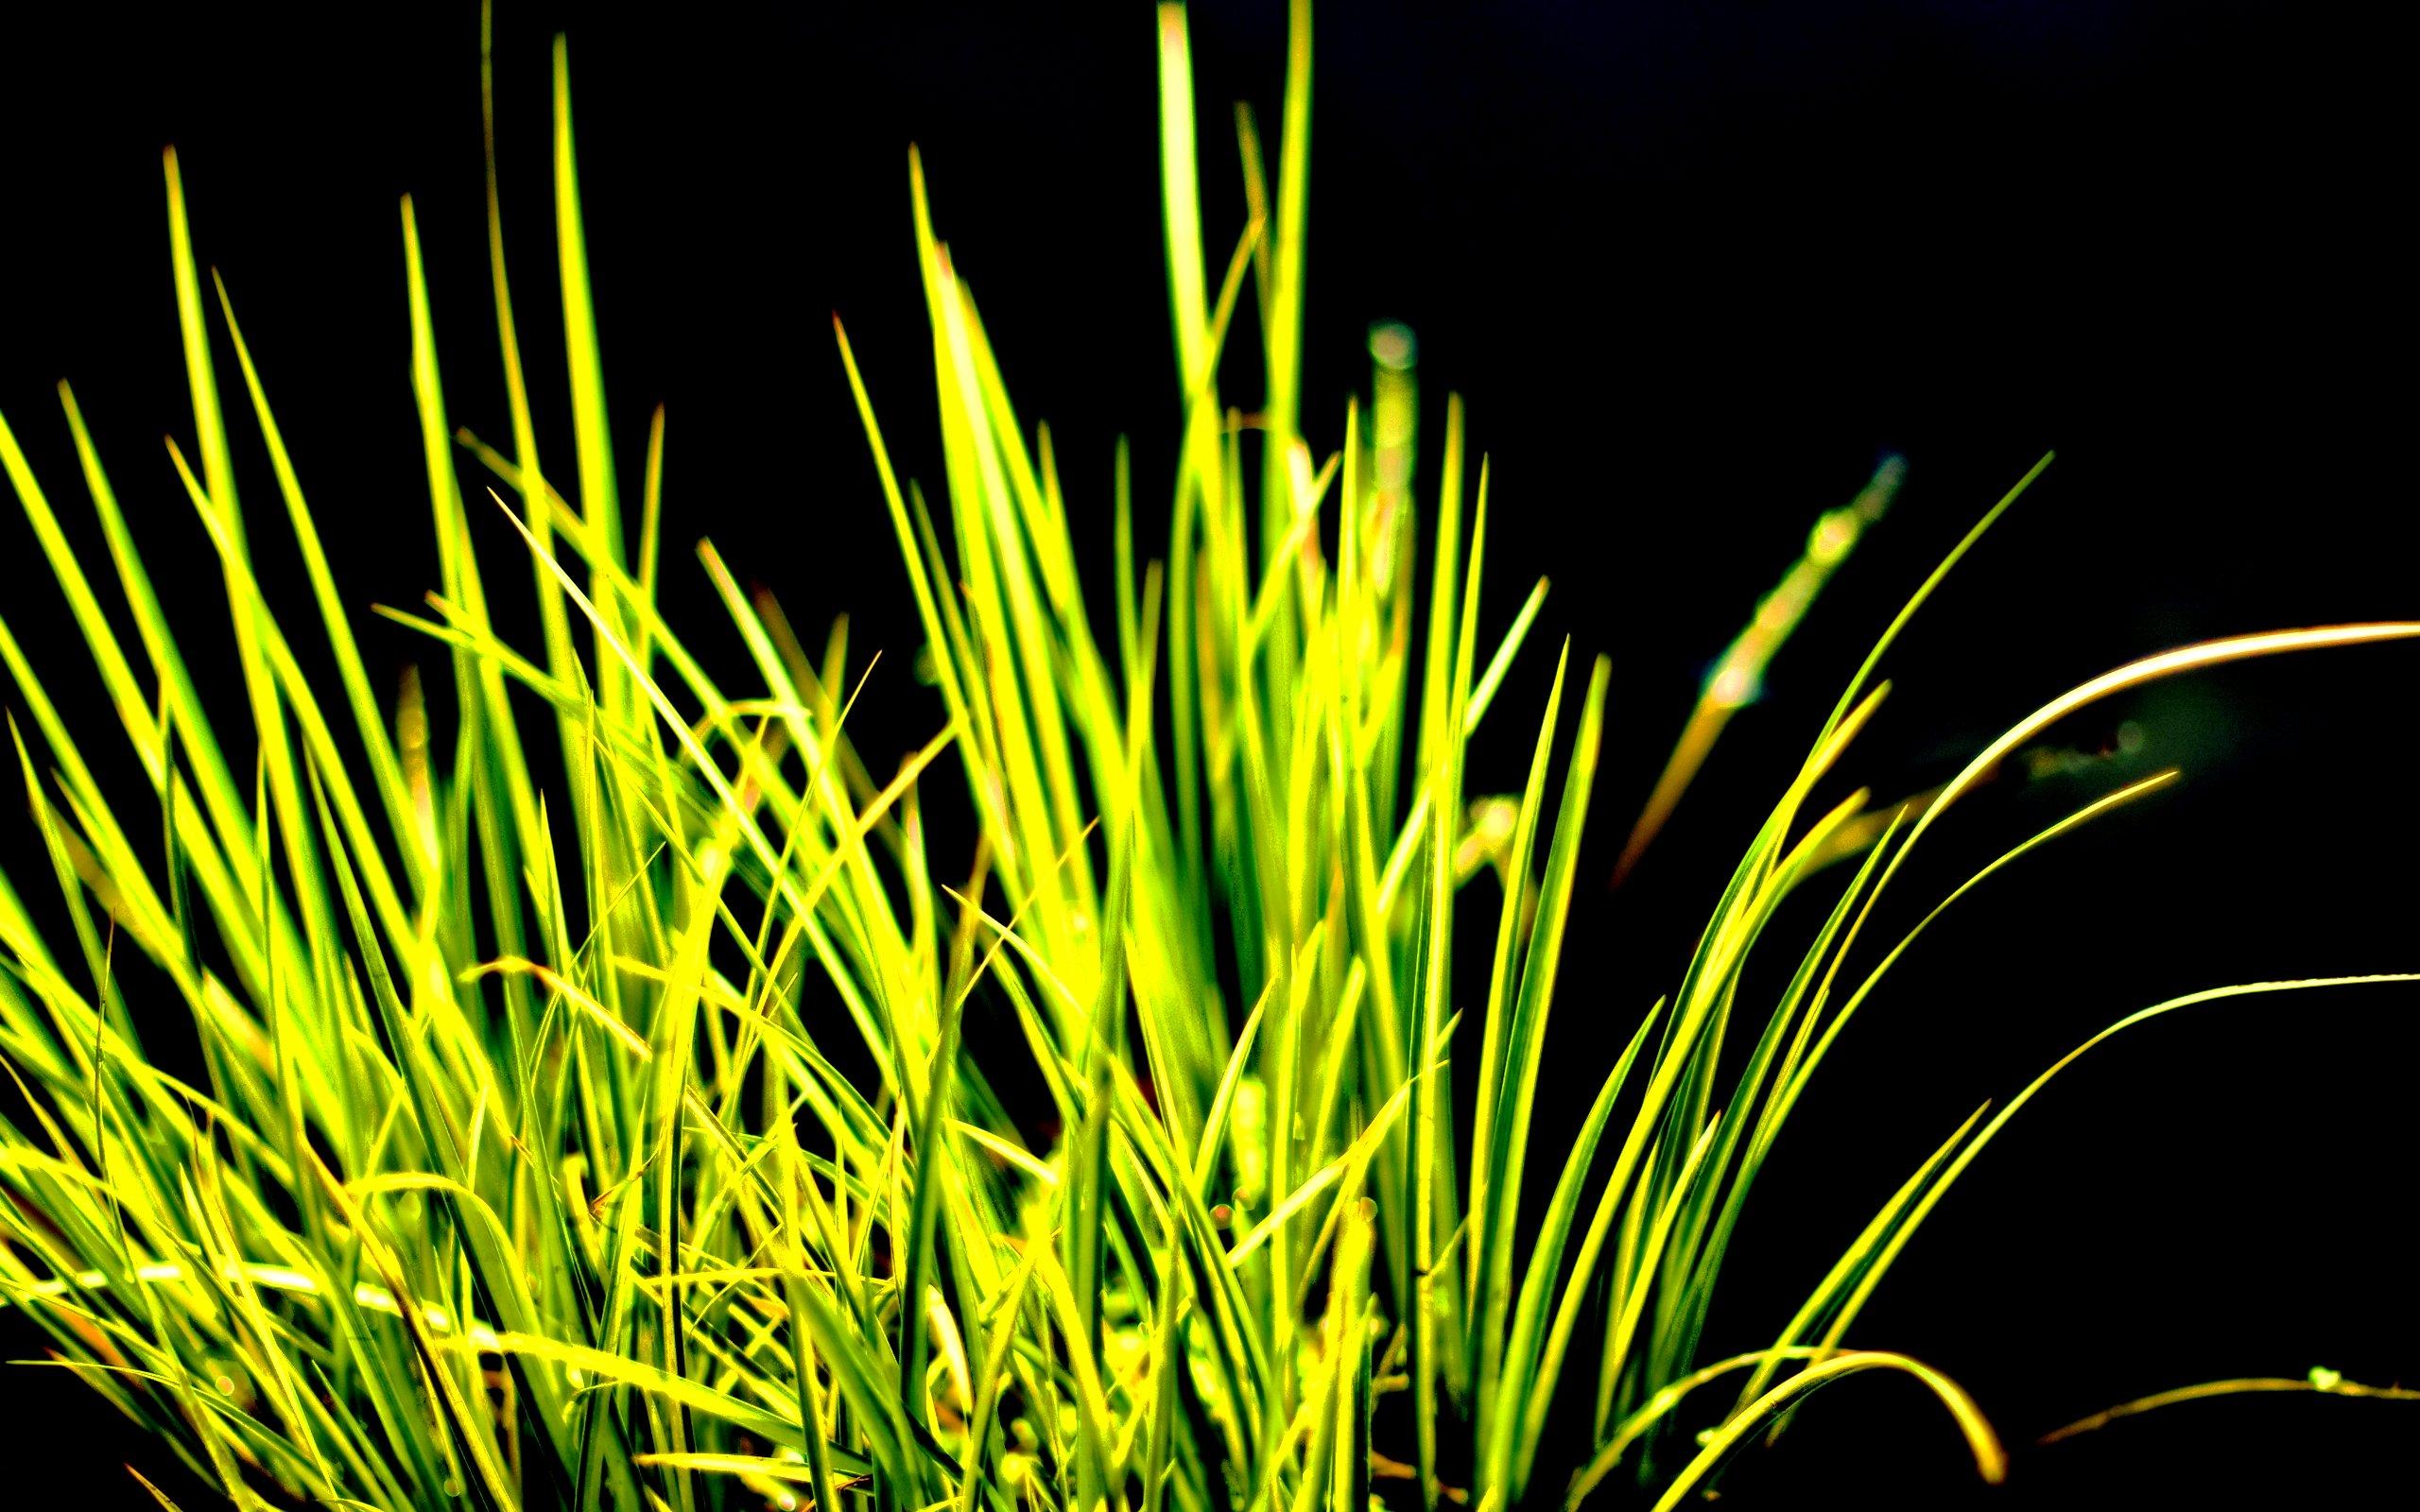 草と黒の背景 Amoled壁紙アンドロイド 2560x1600 Wallpapertip